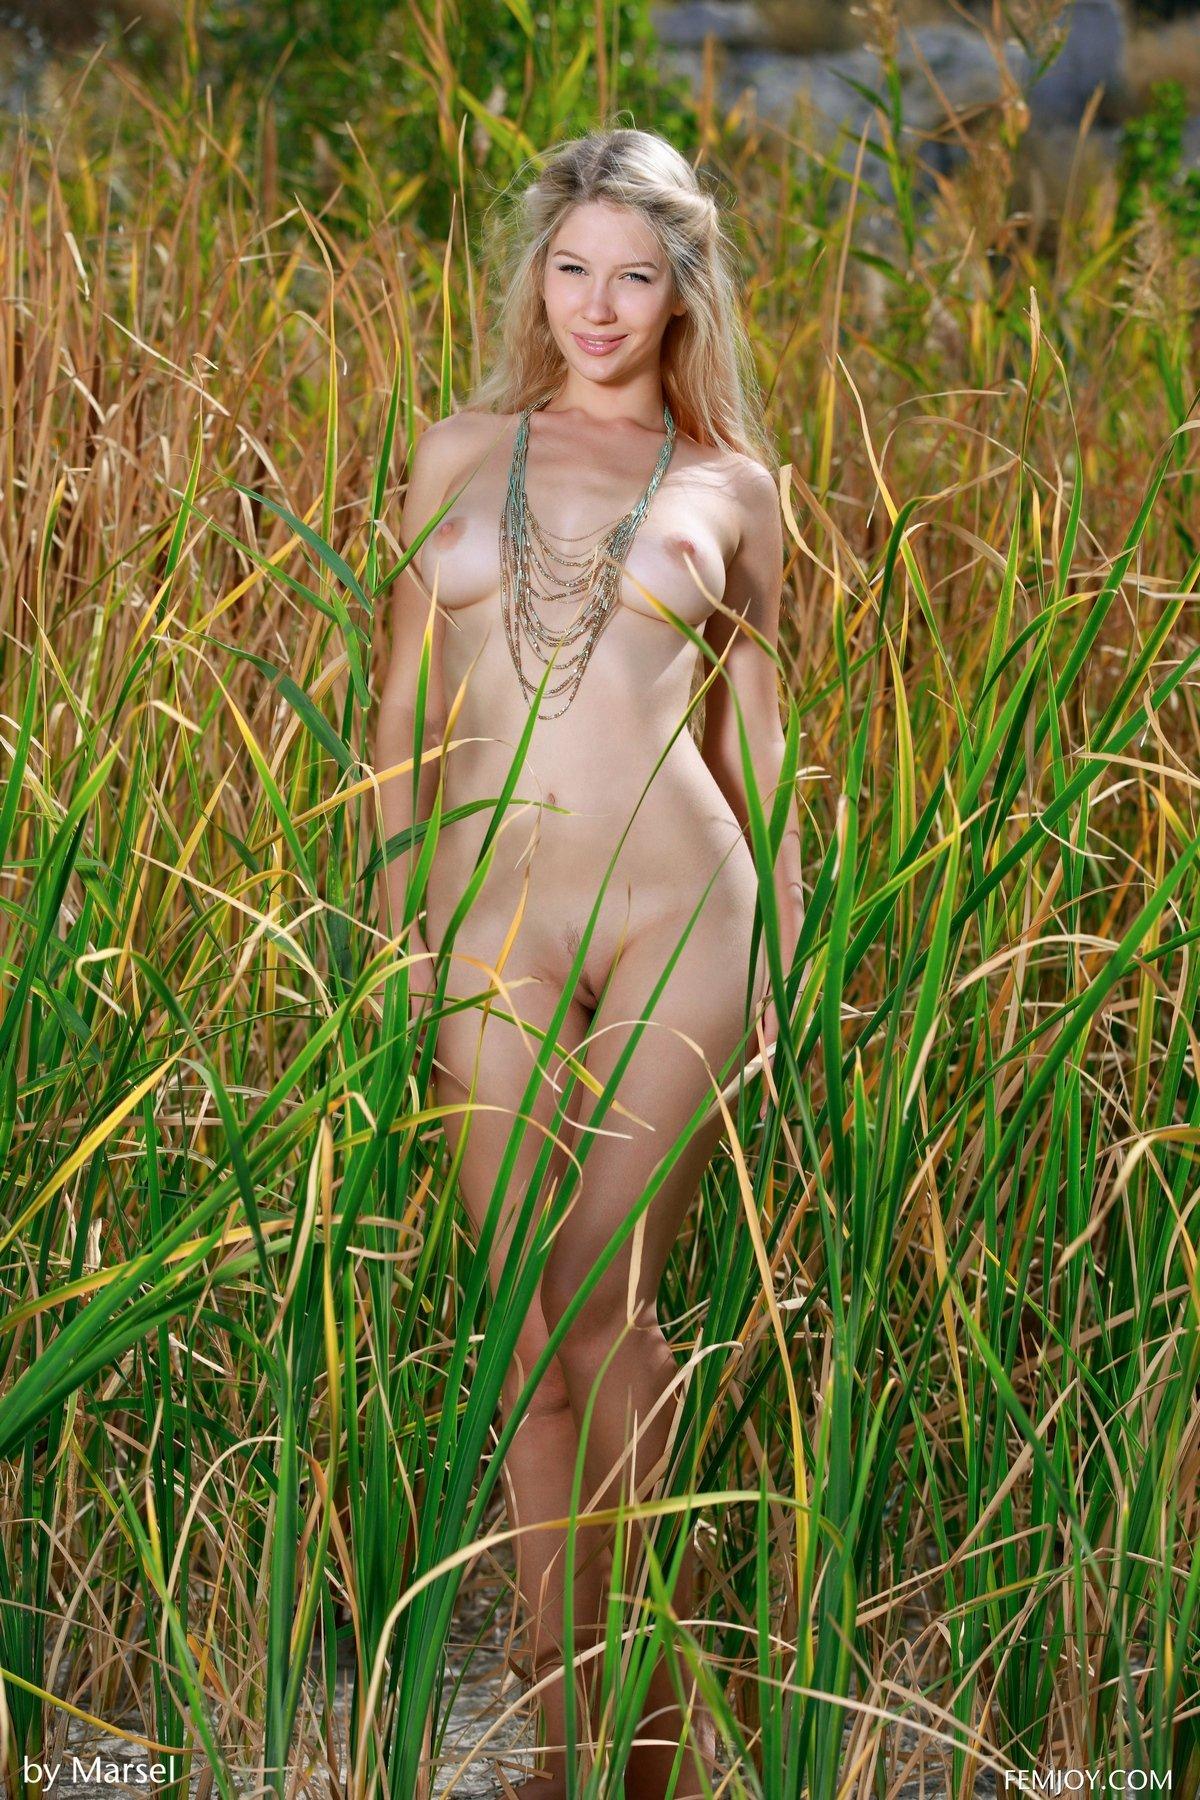 Порно фото голые в камышах фраза